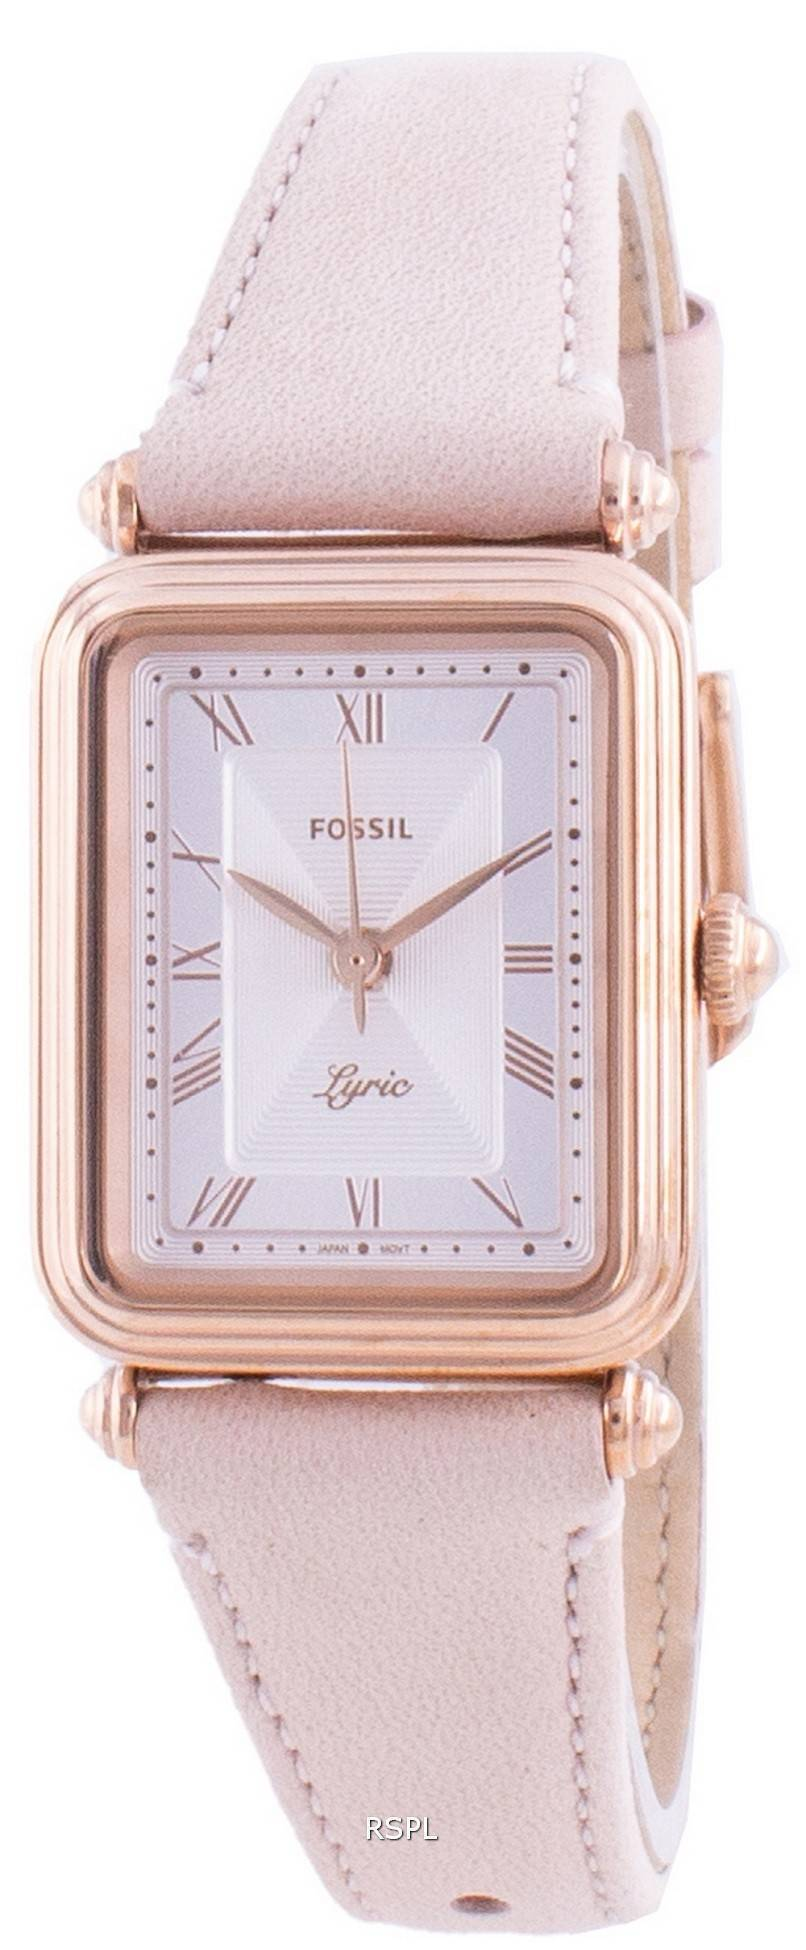 Fossil Lyric ES4718 Quartz Women's Watch